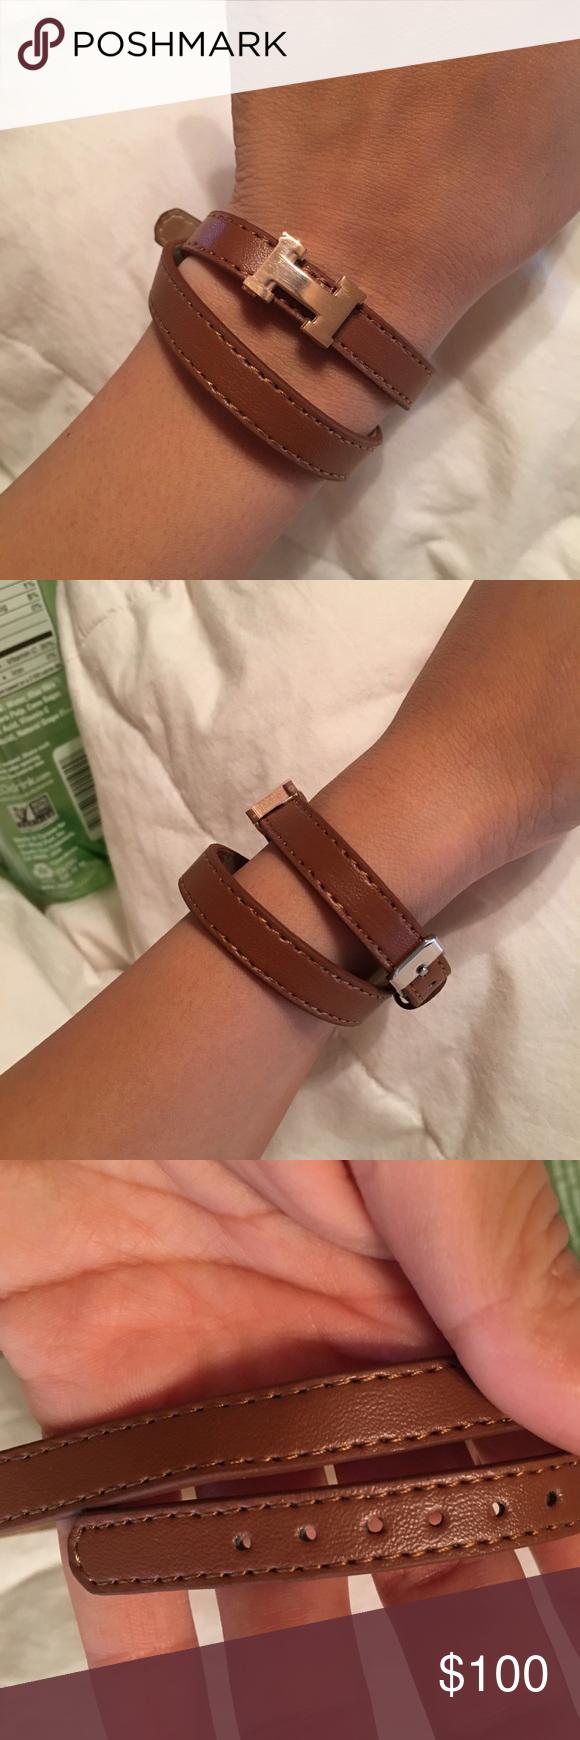 H bracelet jewelry bracelets bracelets and gold